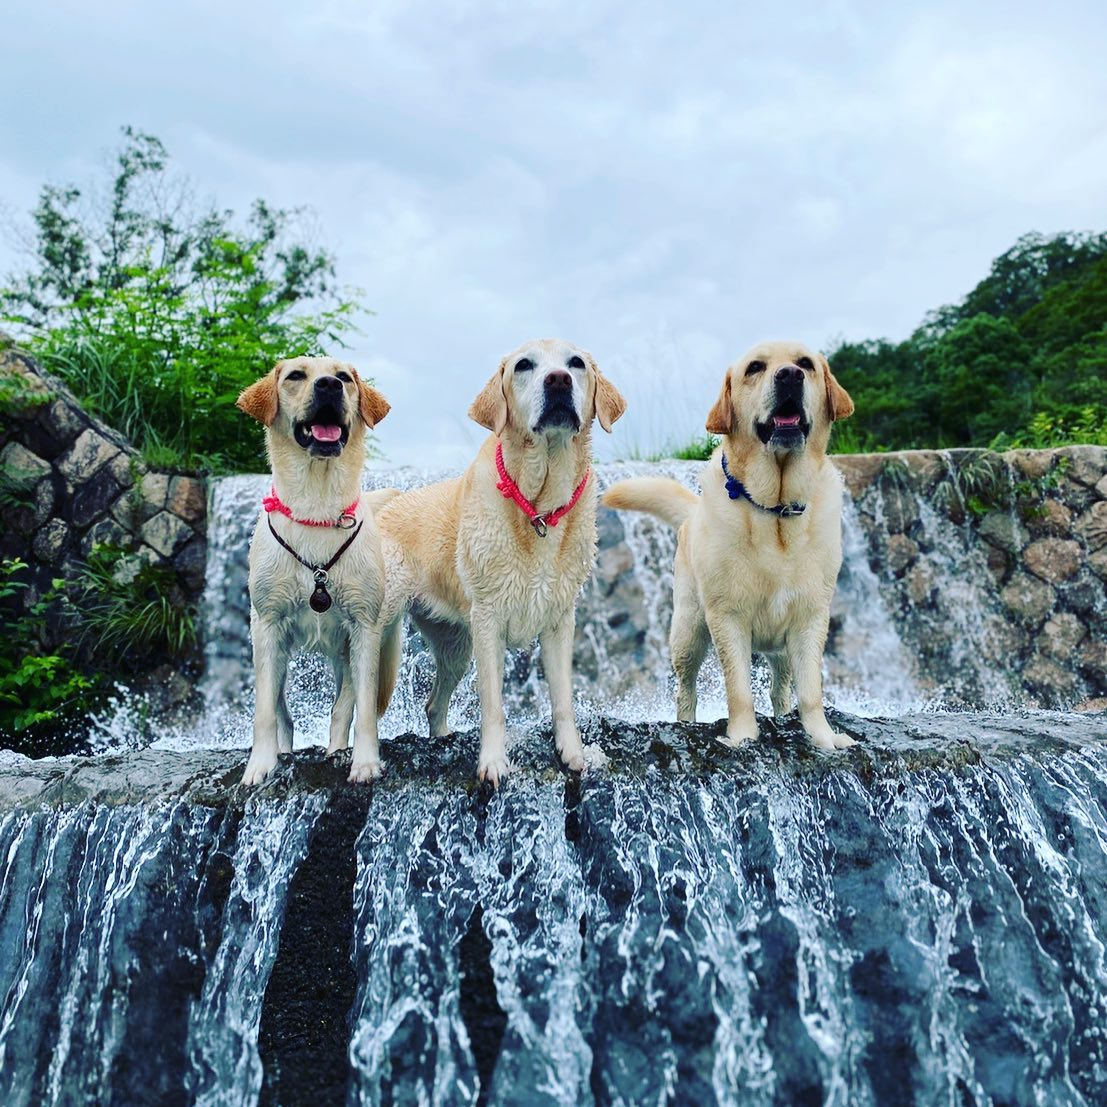 犬達は梅雨時の水流にも負けず元気です(^^)私達もコロナに屈することなく災害支援に役立てるよう、精力的に活動してまいります!#救助犬 #ラブラドールレトリバー  #ラブラドール  #ボランティア